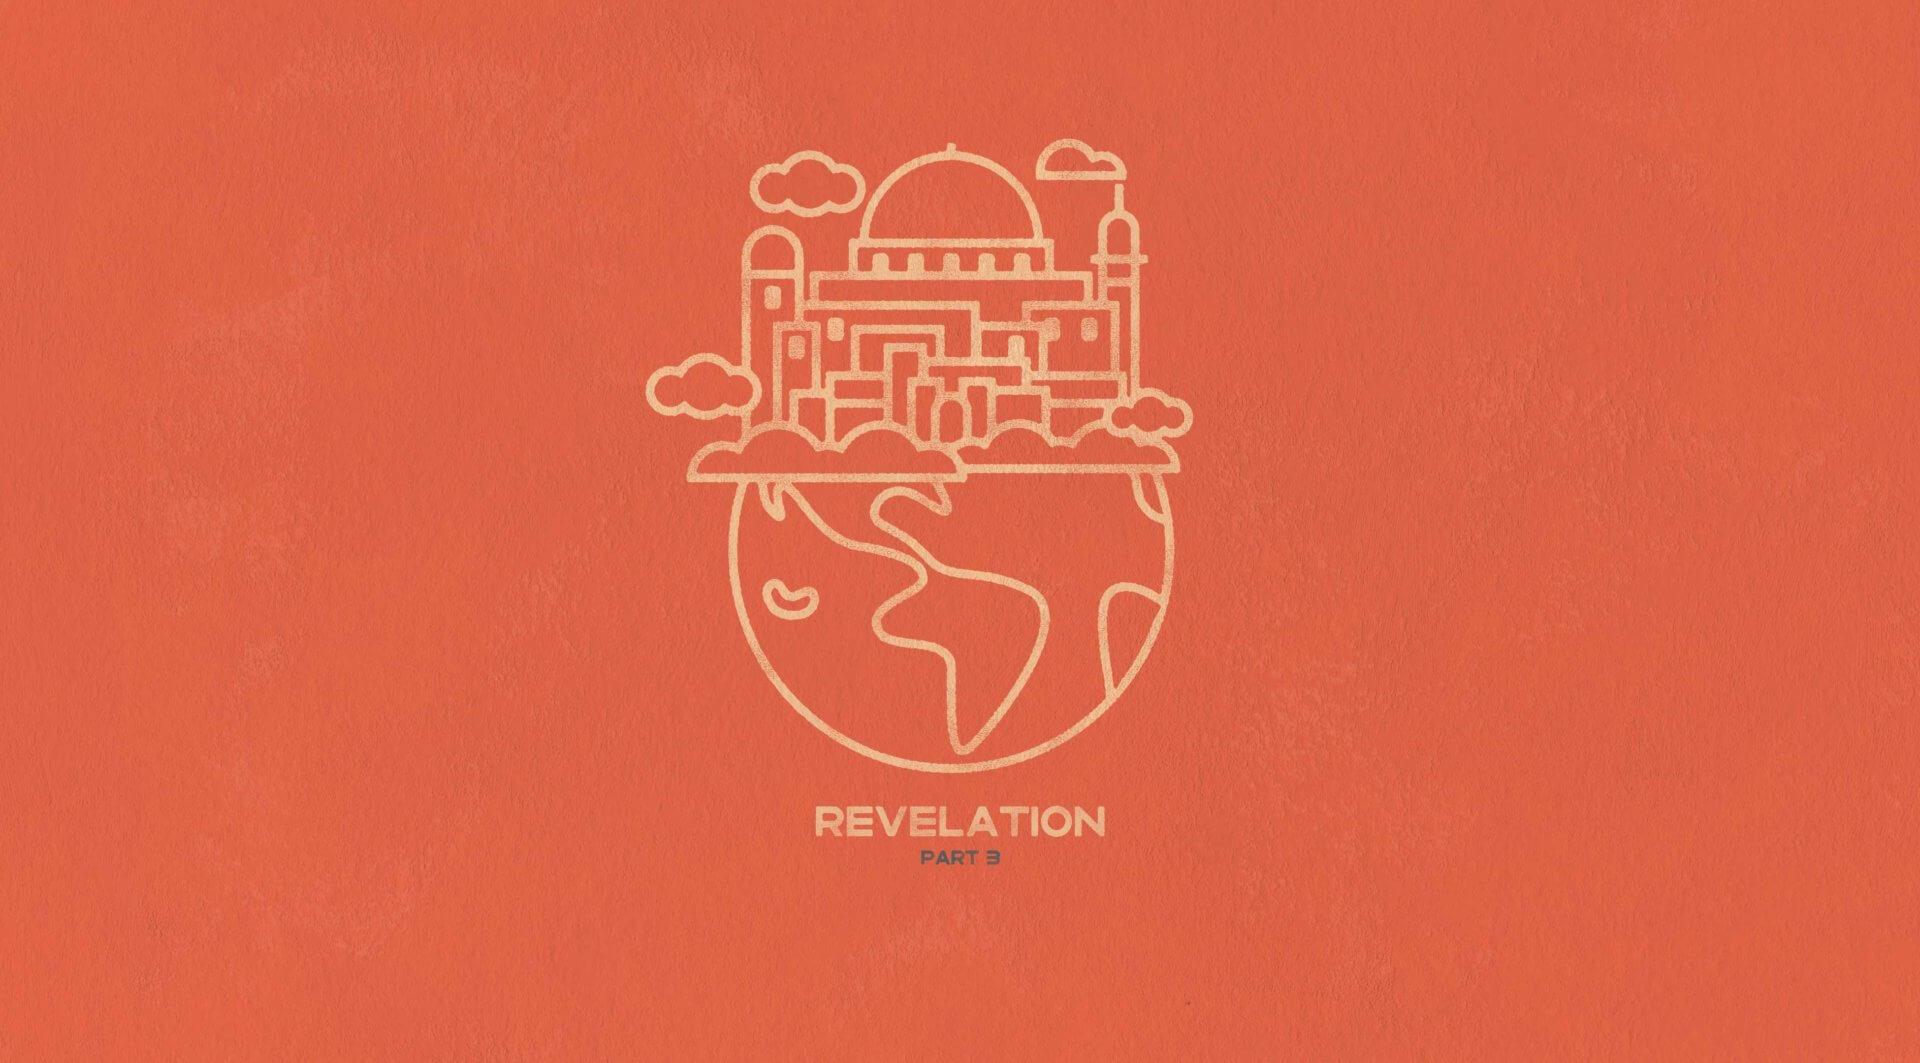 Revelation - Pt. 3